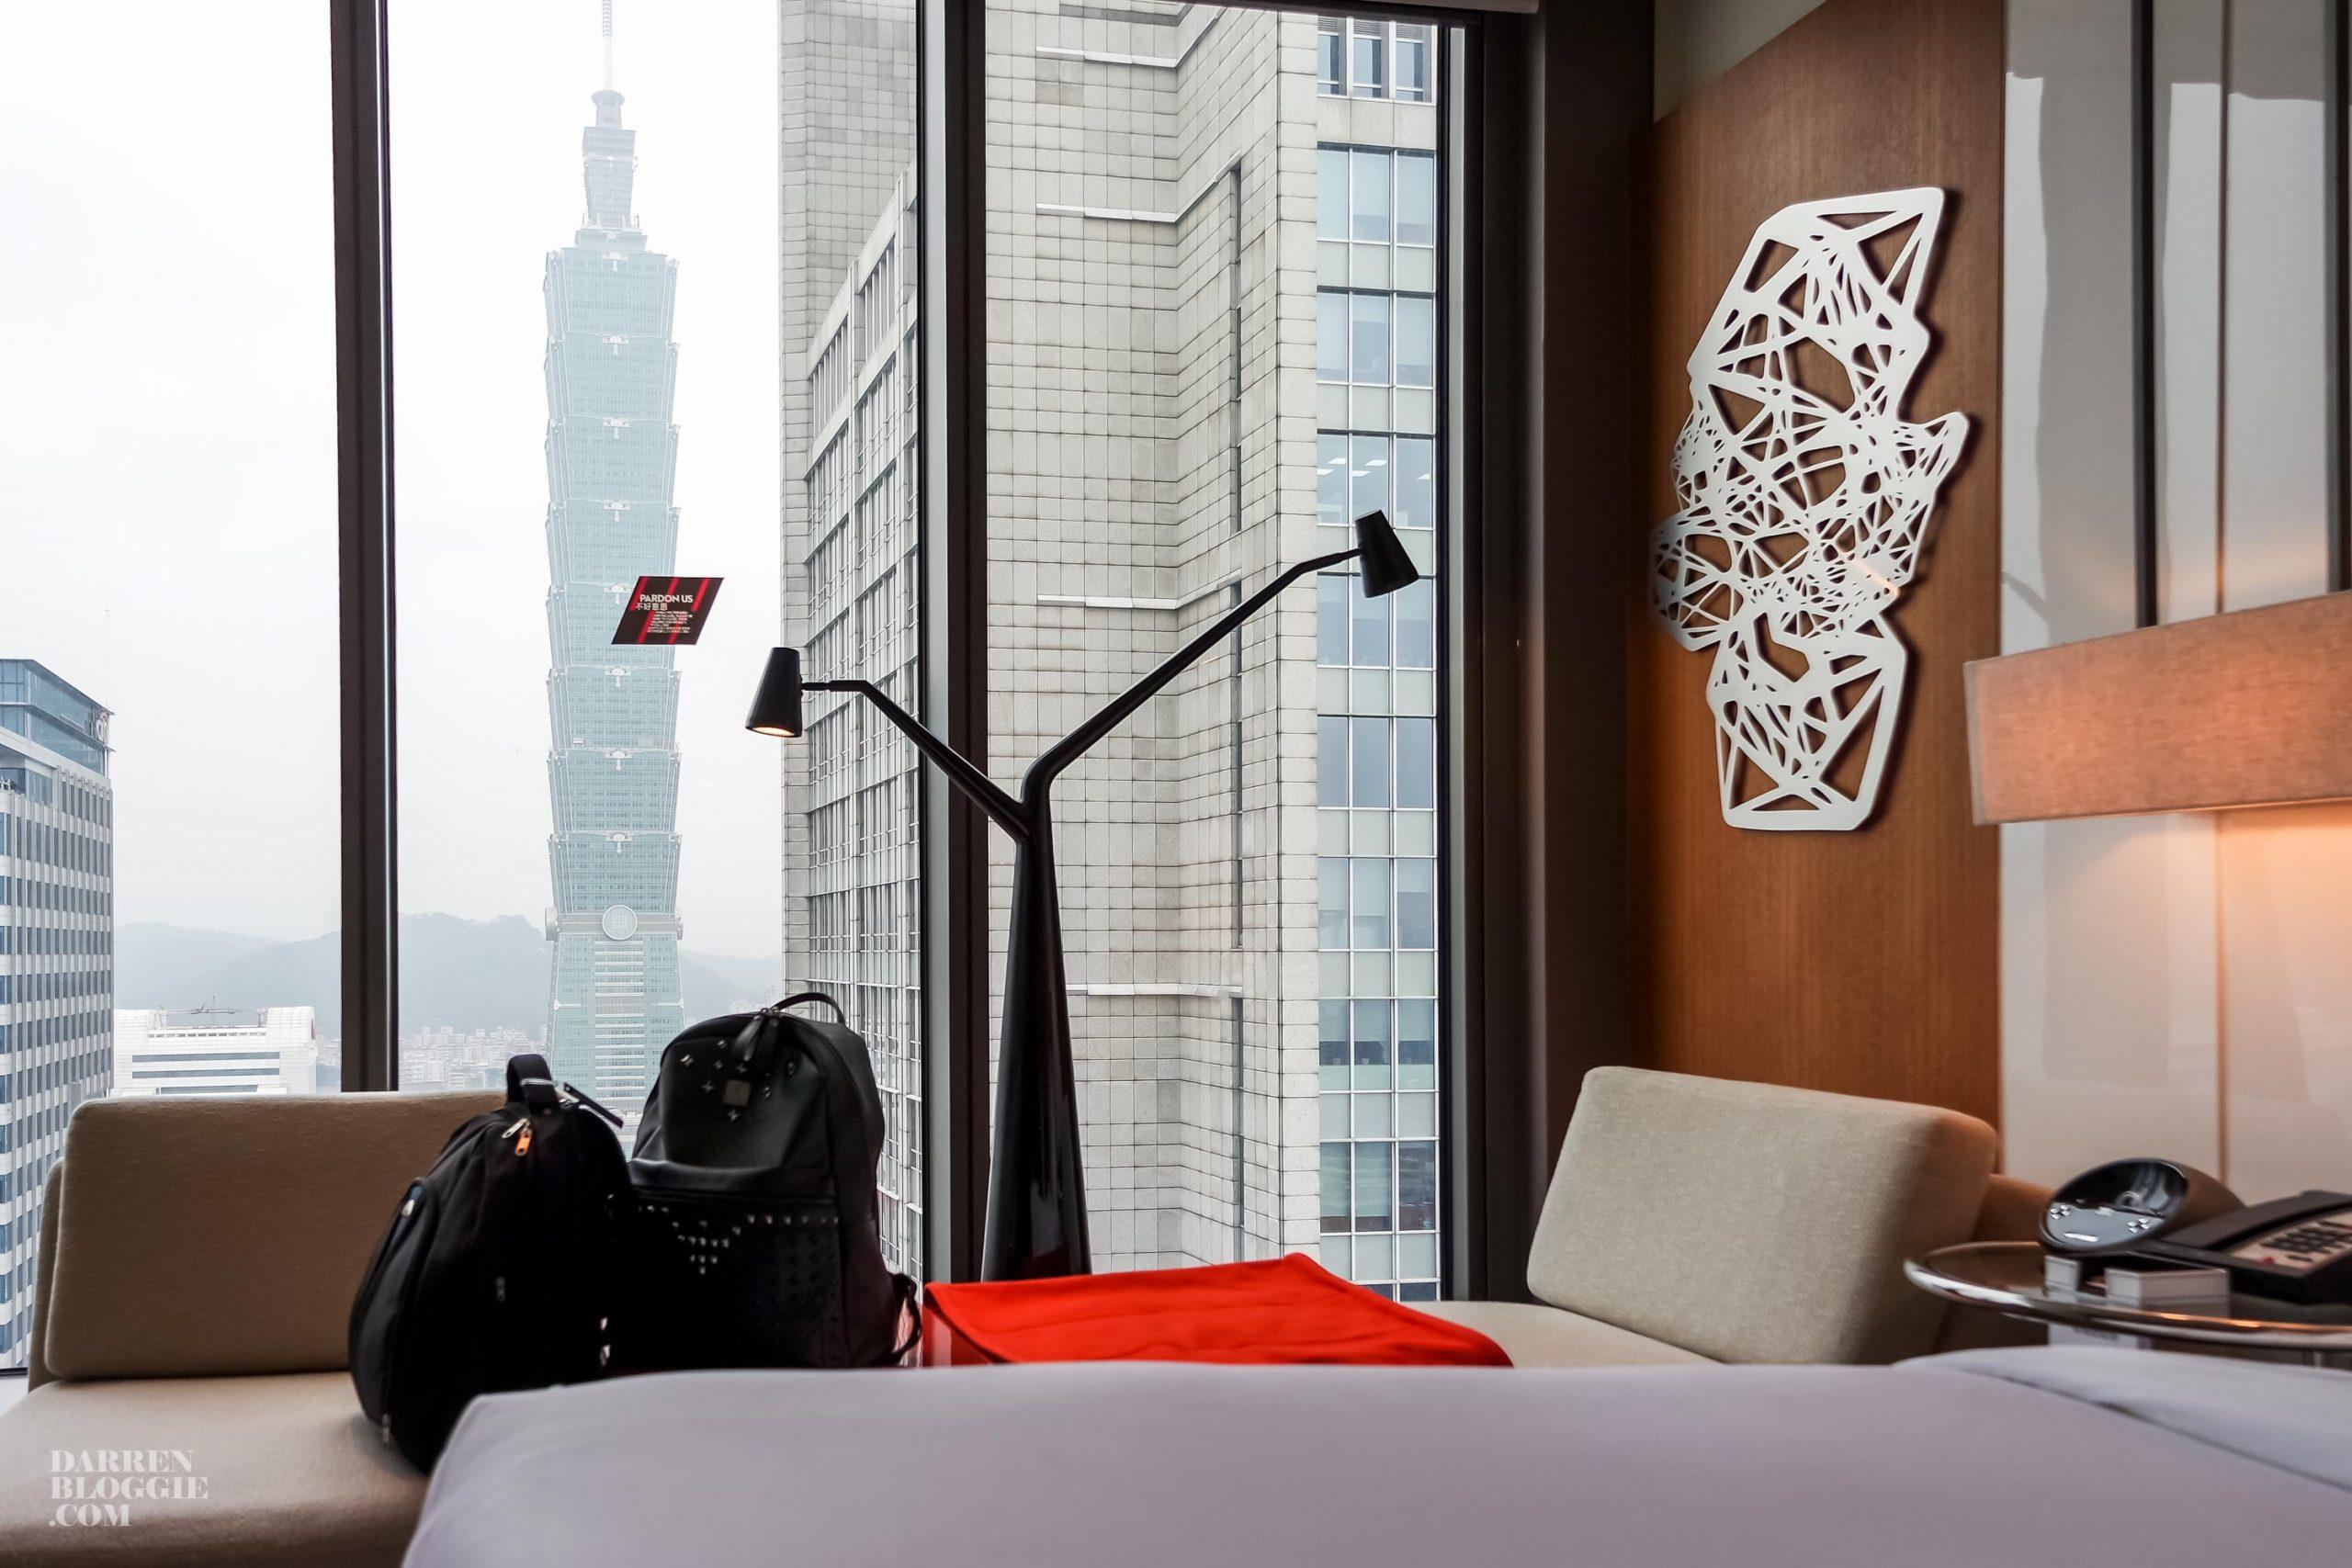 w-hotel-taipei-taiwan-darrenbloggie